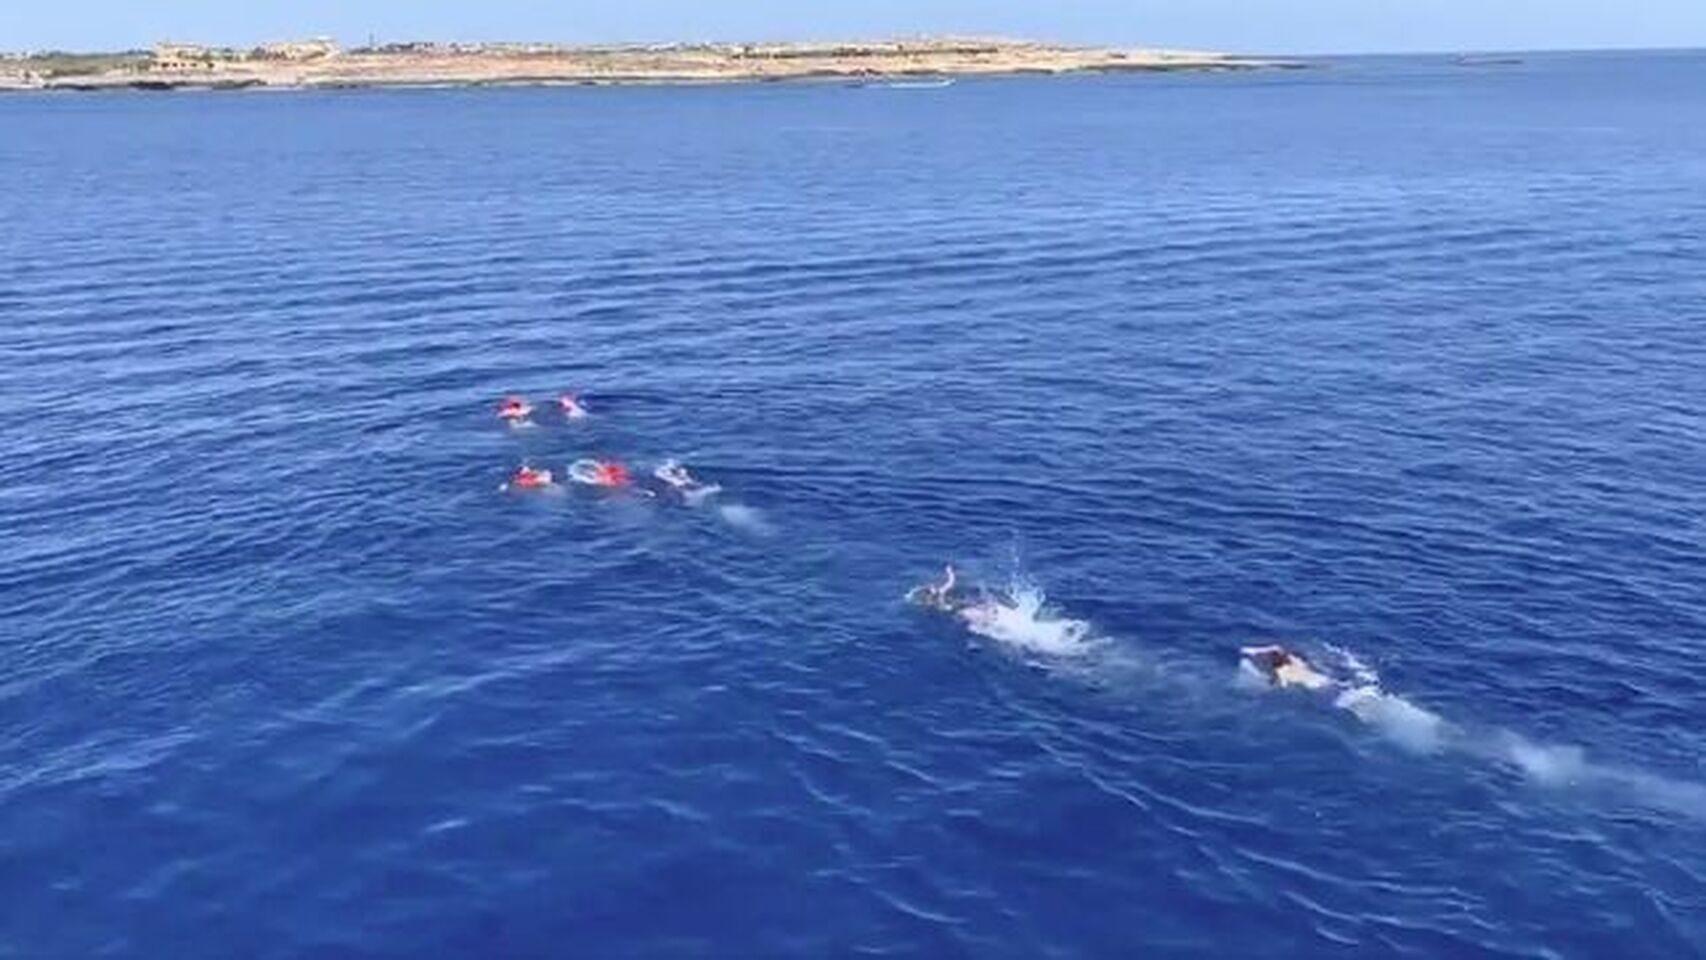 ¡Desesperados! Migrantes saltaron al mar desde el buque Open Arms